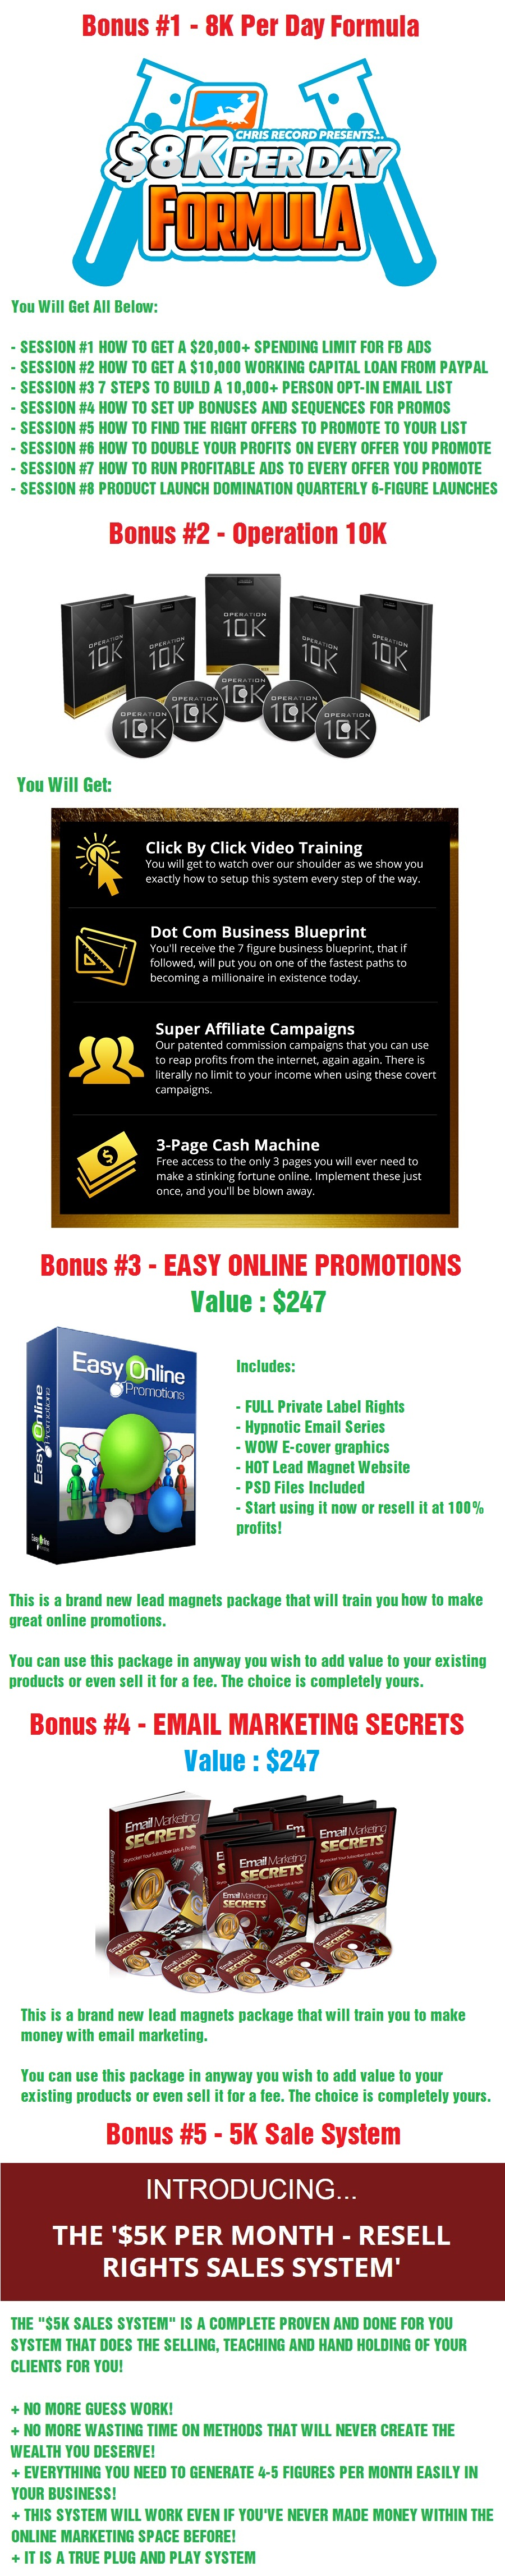 BNB Formula Bonus